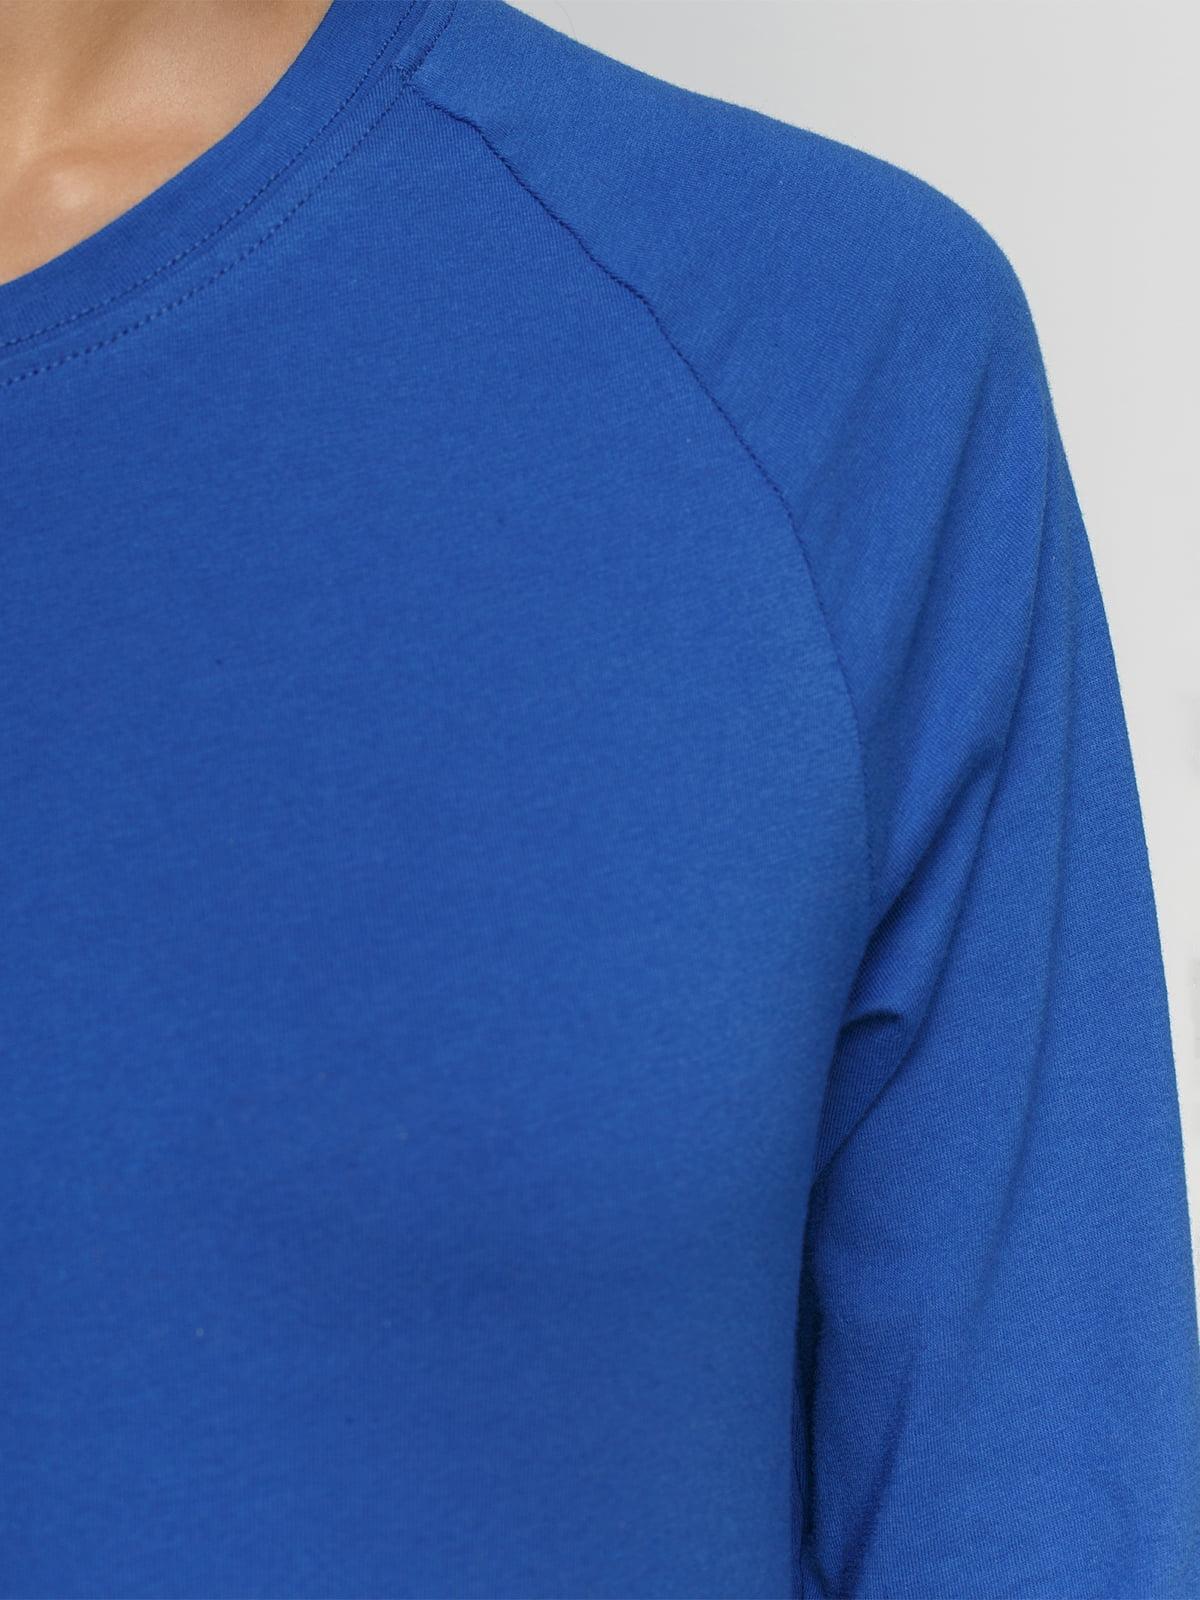 Лонгслів синій | 4577823 | фото 3